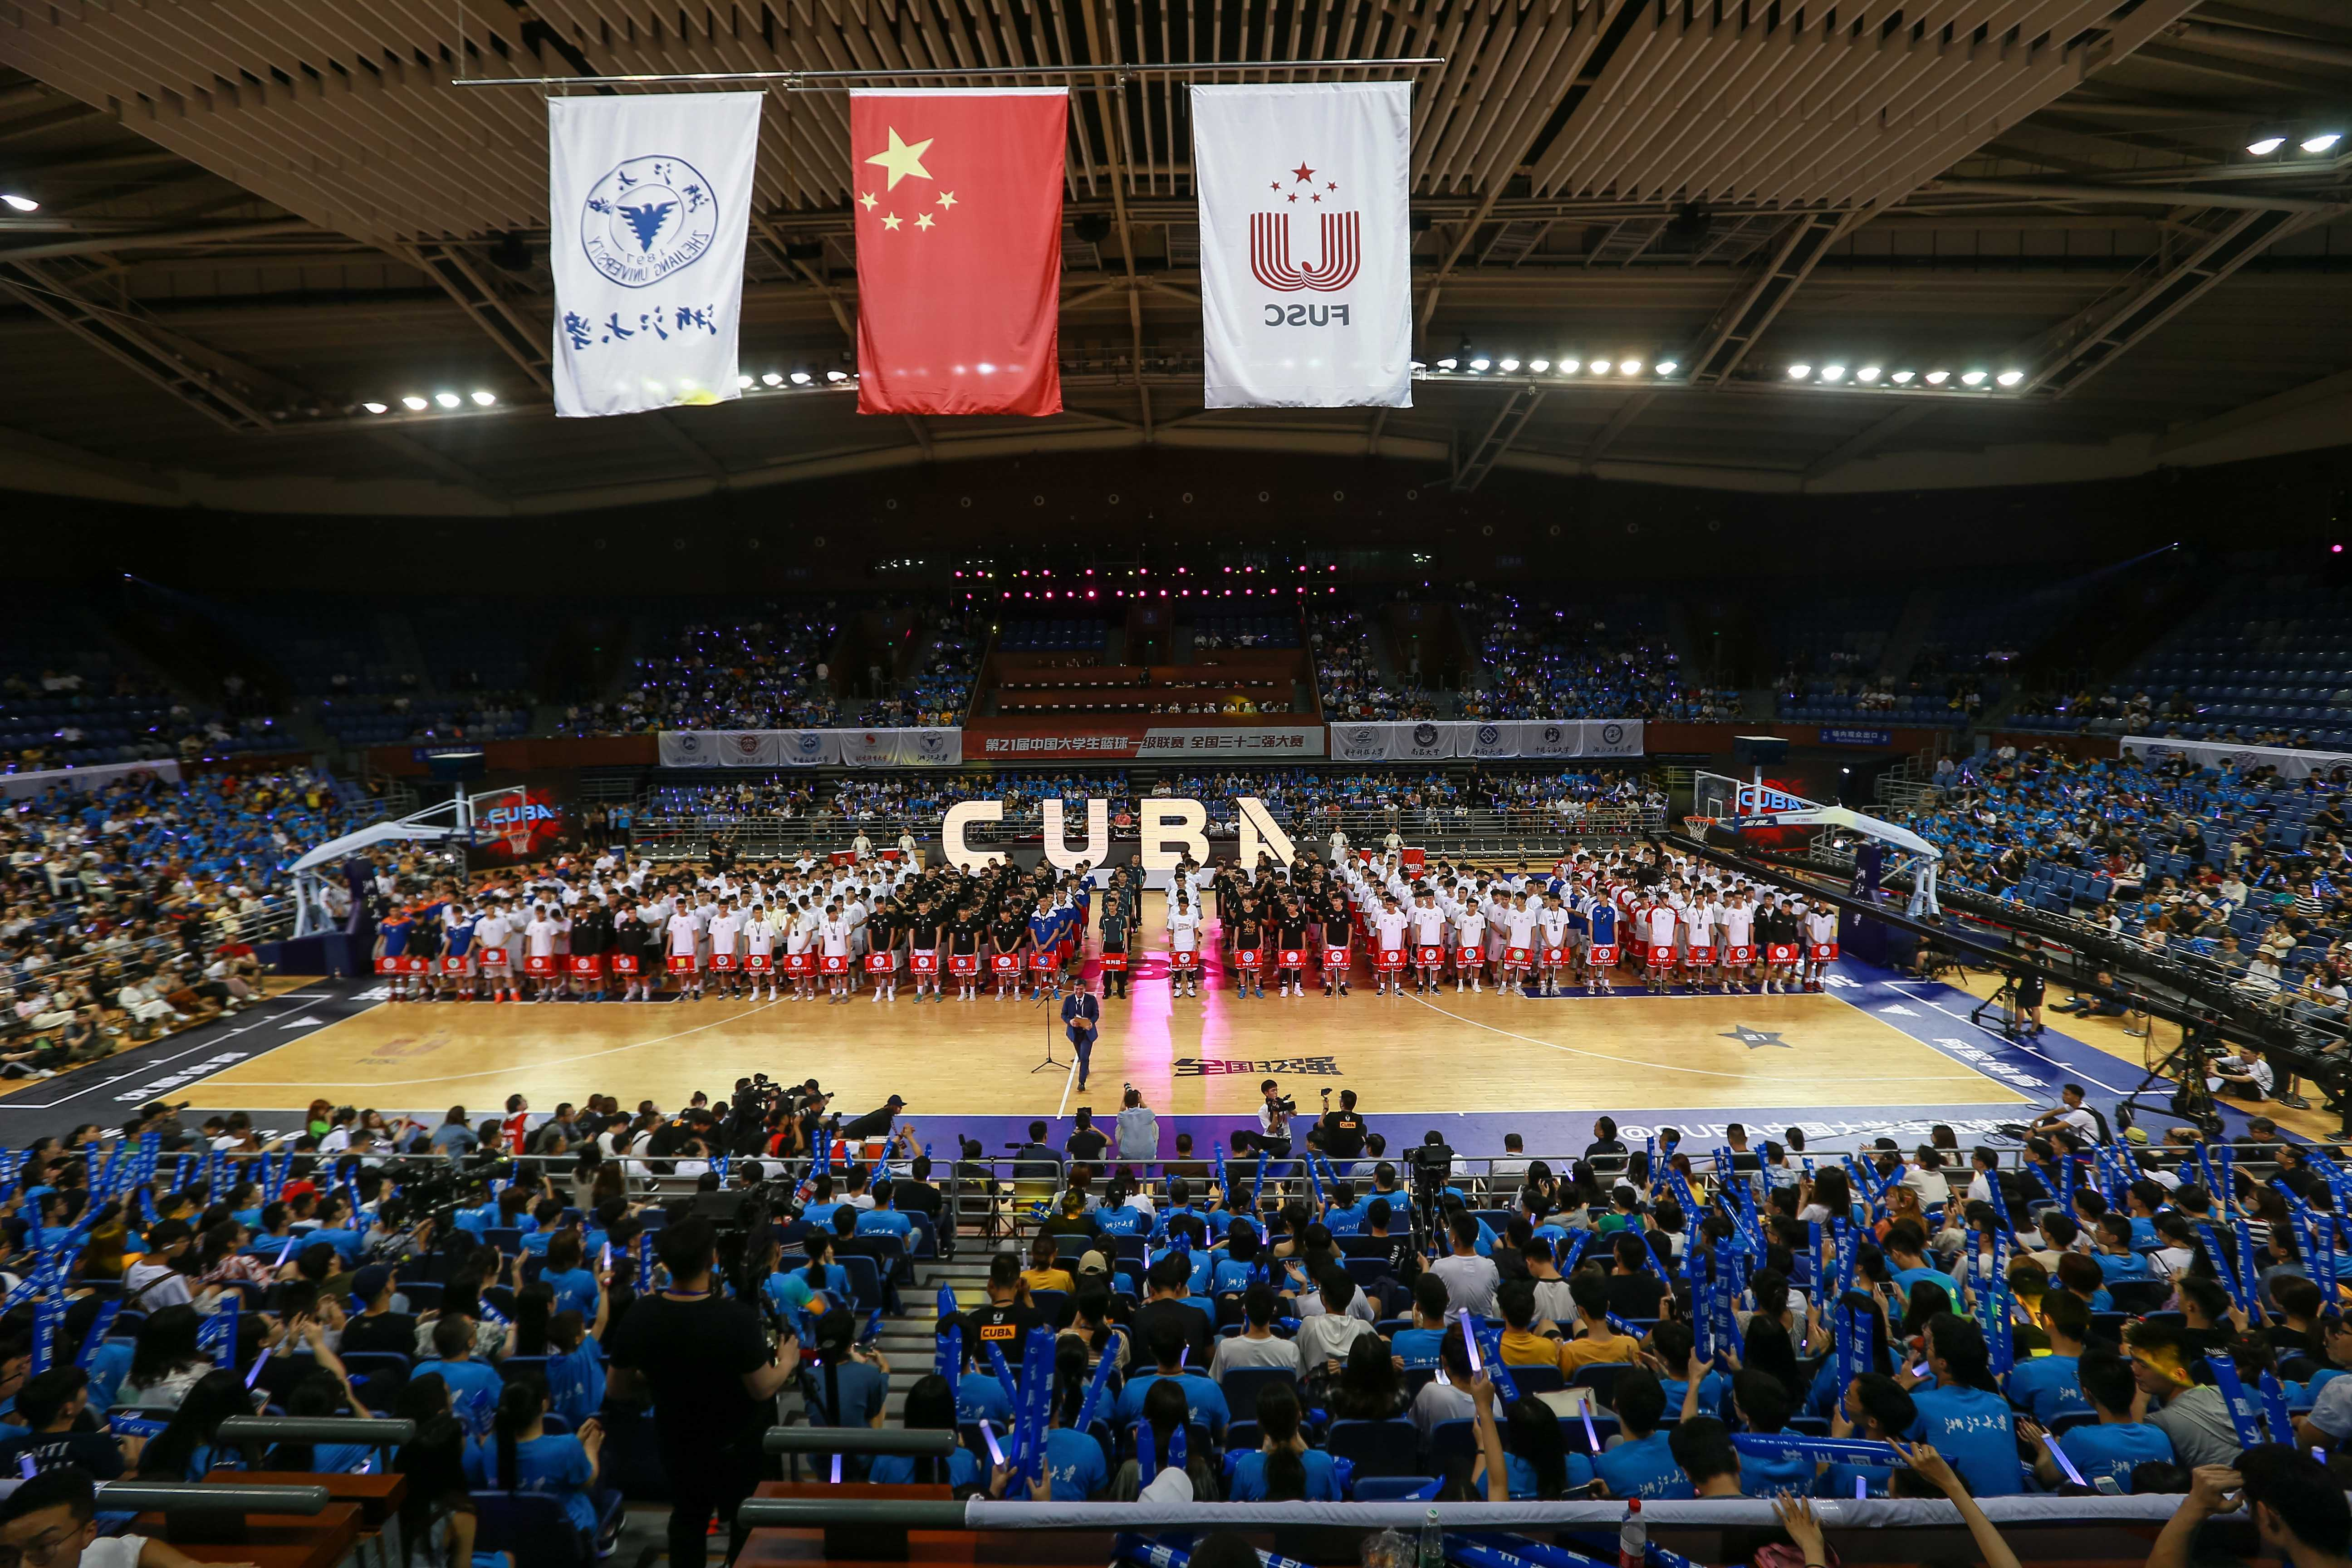 圖集 | 中國大學生籃球聯賽32強賽開幕式